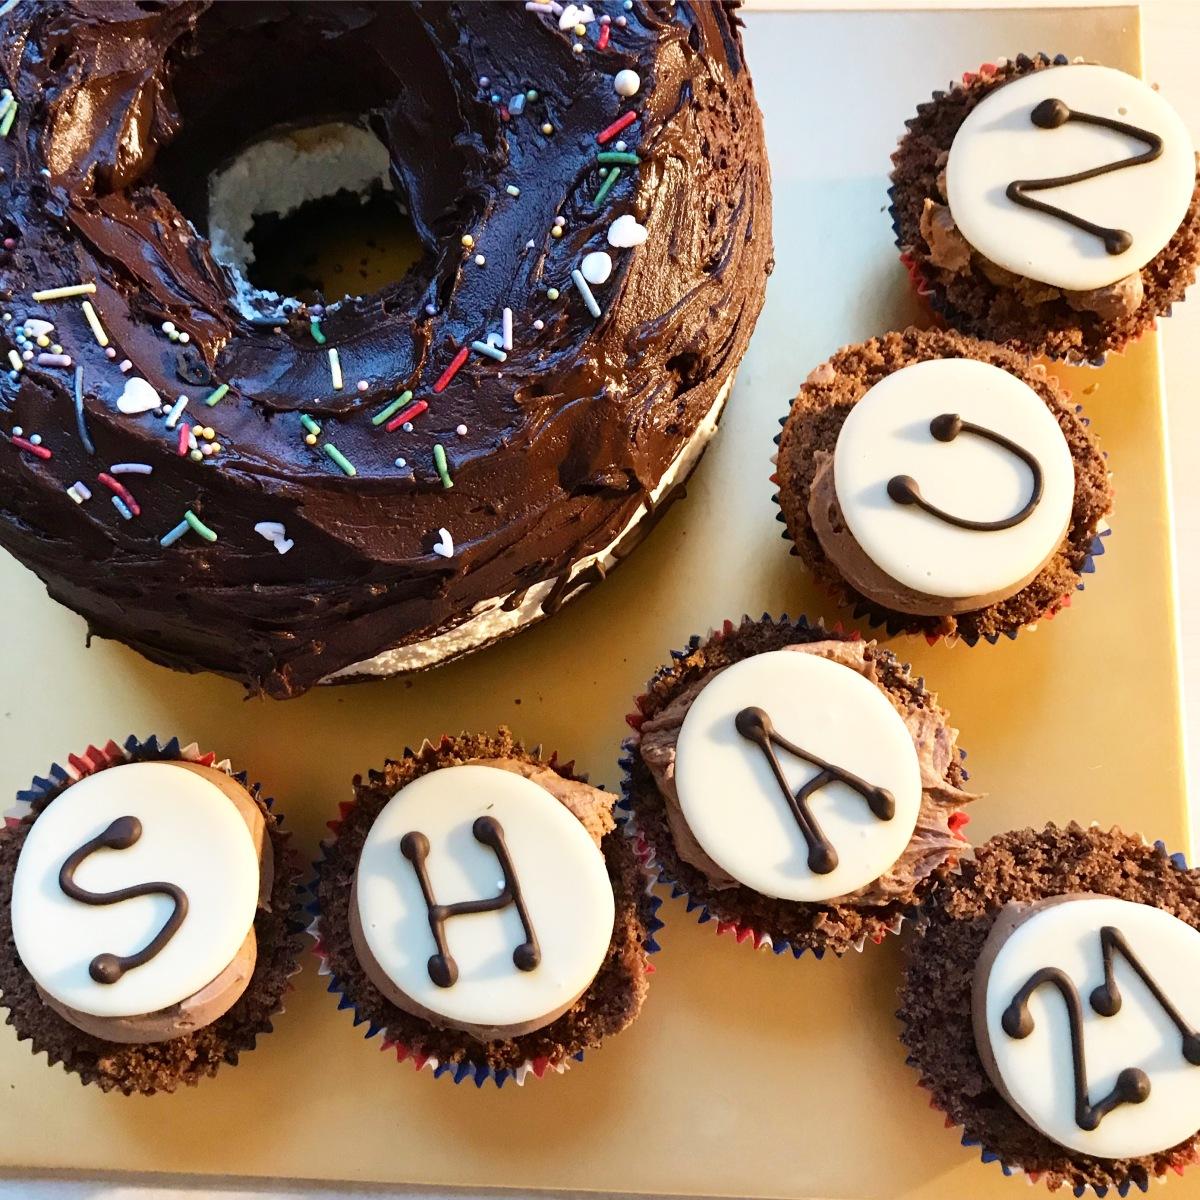 Giant Chocolate Doughnut Birthday Cake